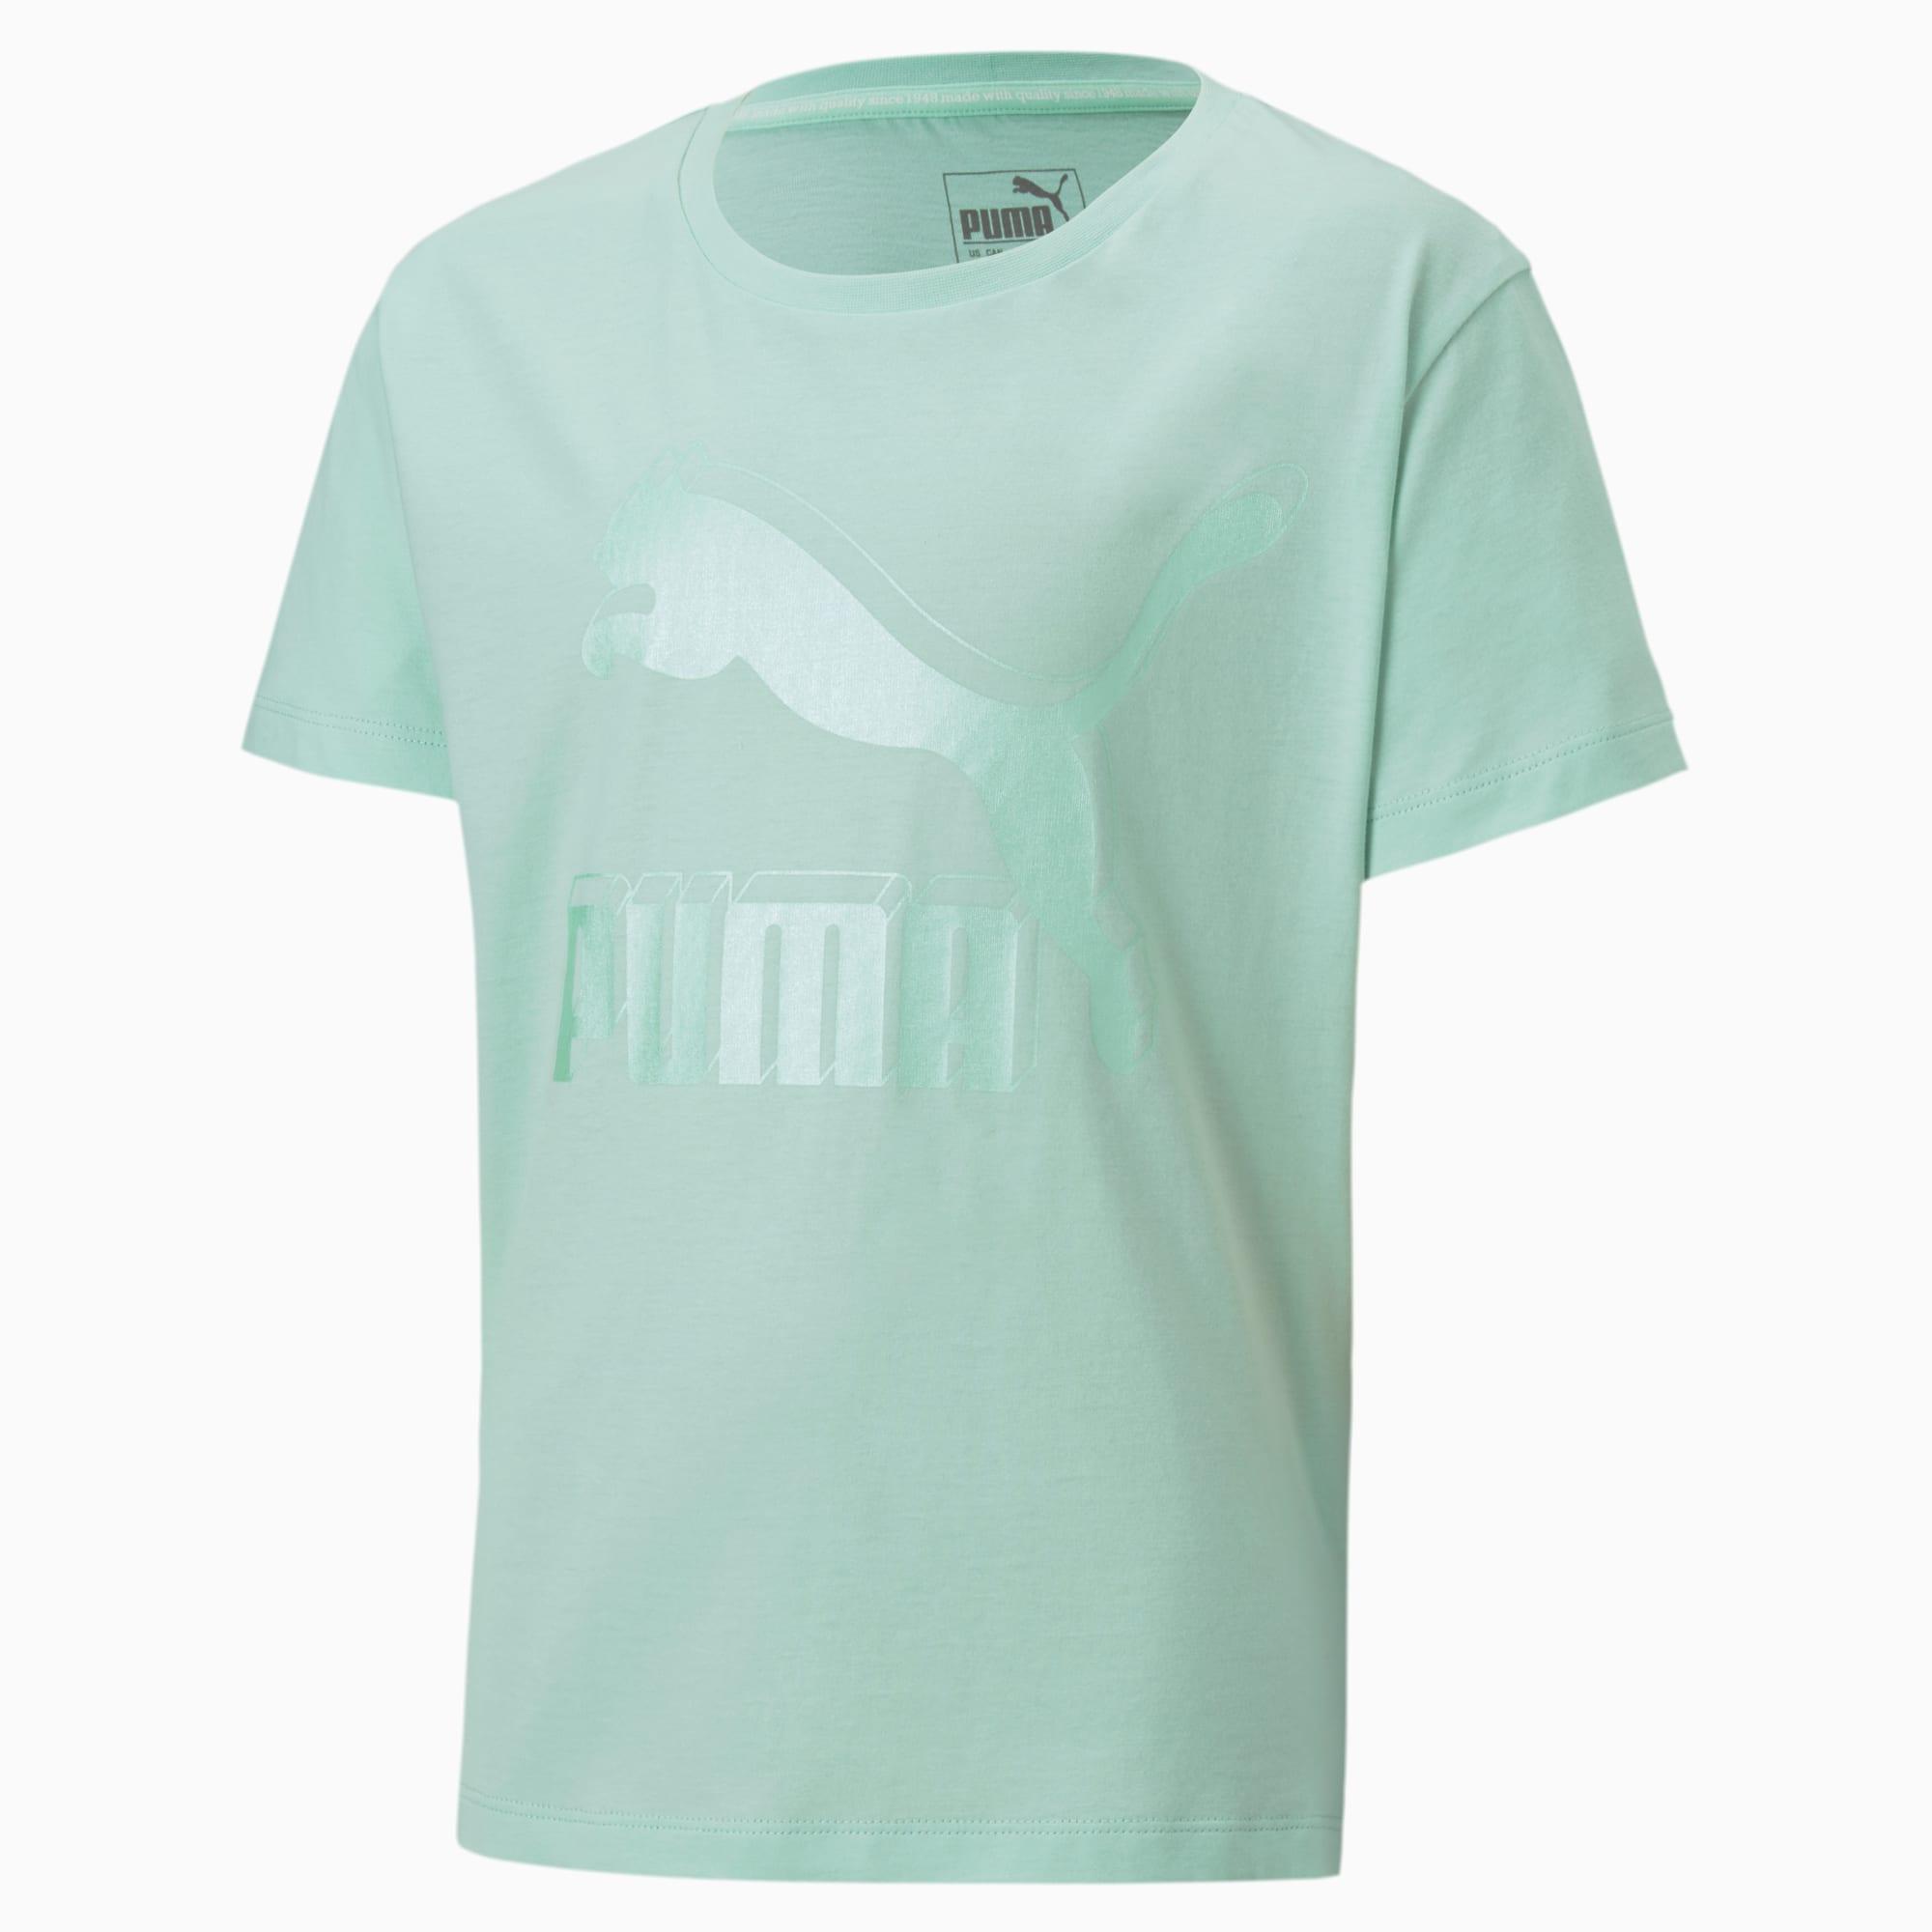 PUMA T-Shirt Classics Graphic pour fille, Vert, Taille 140, Vêtements